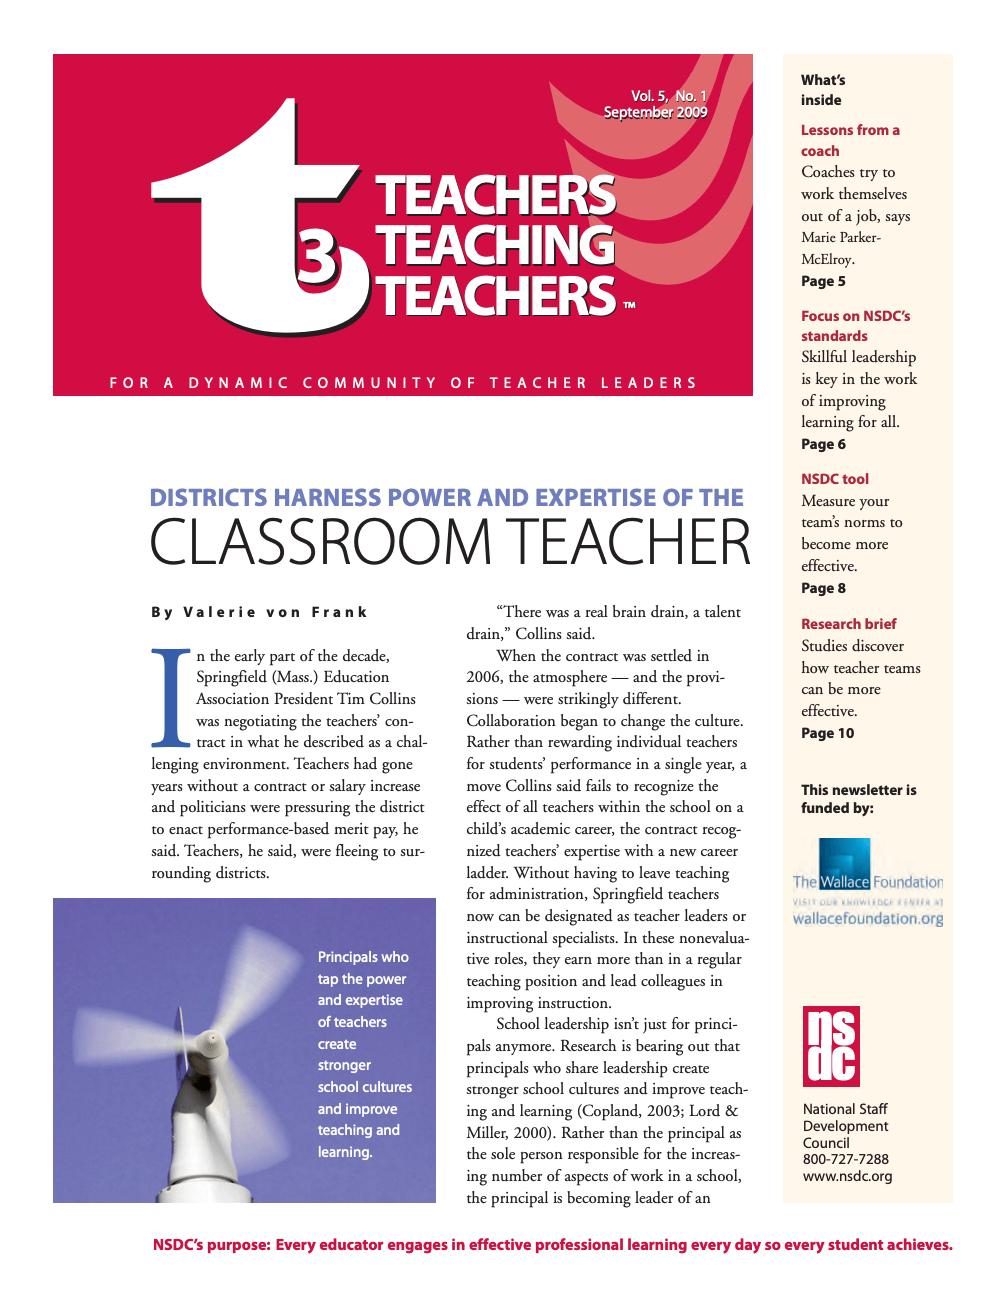 teachers-teaching-teachers-september-2009-vol-5-no-1